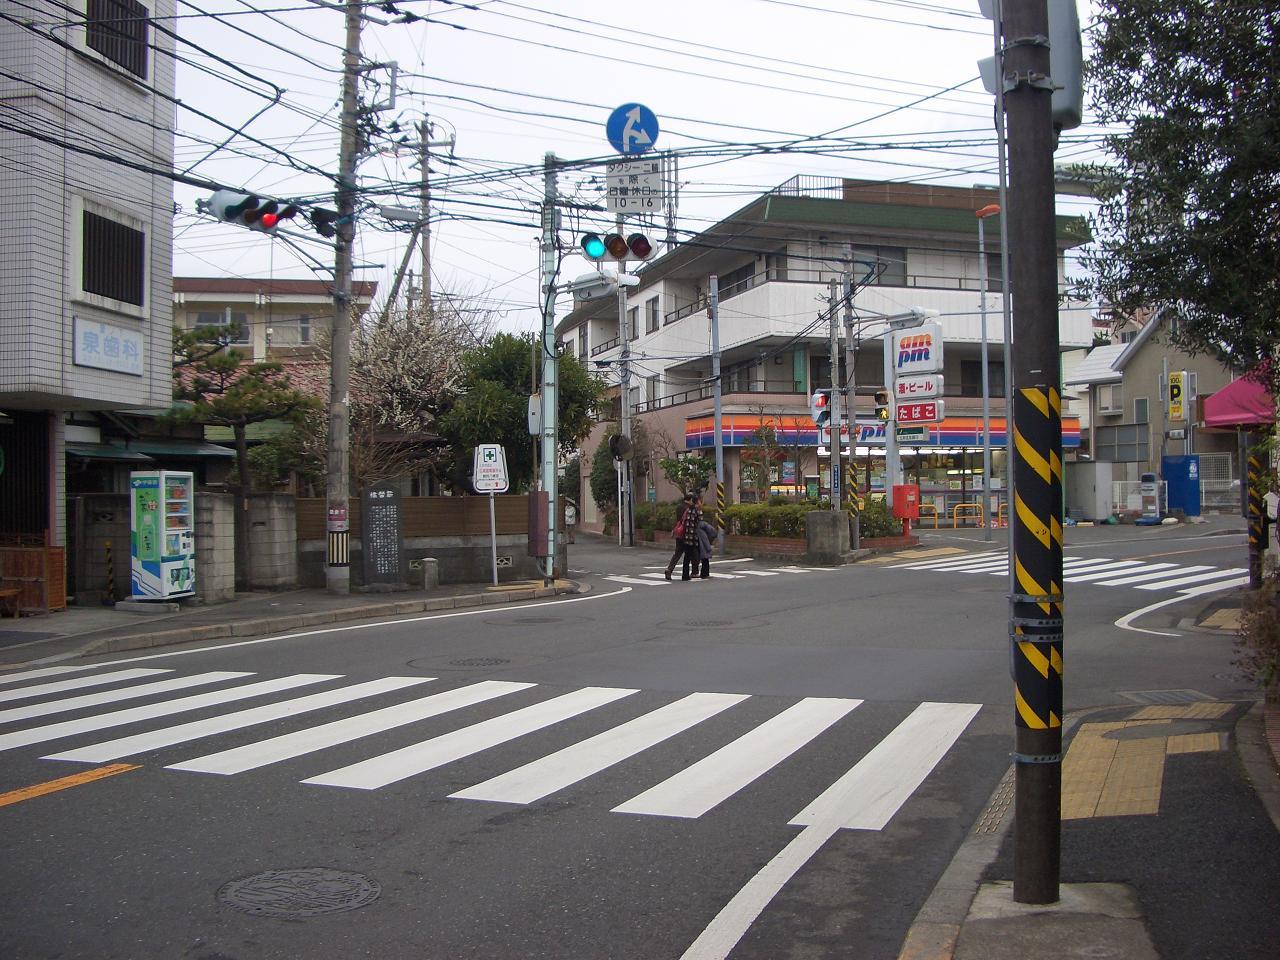 鎌倉十橋~筋違橋: 御成不動産日...